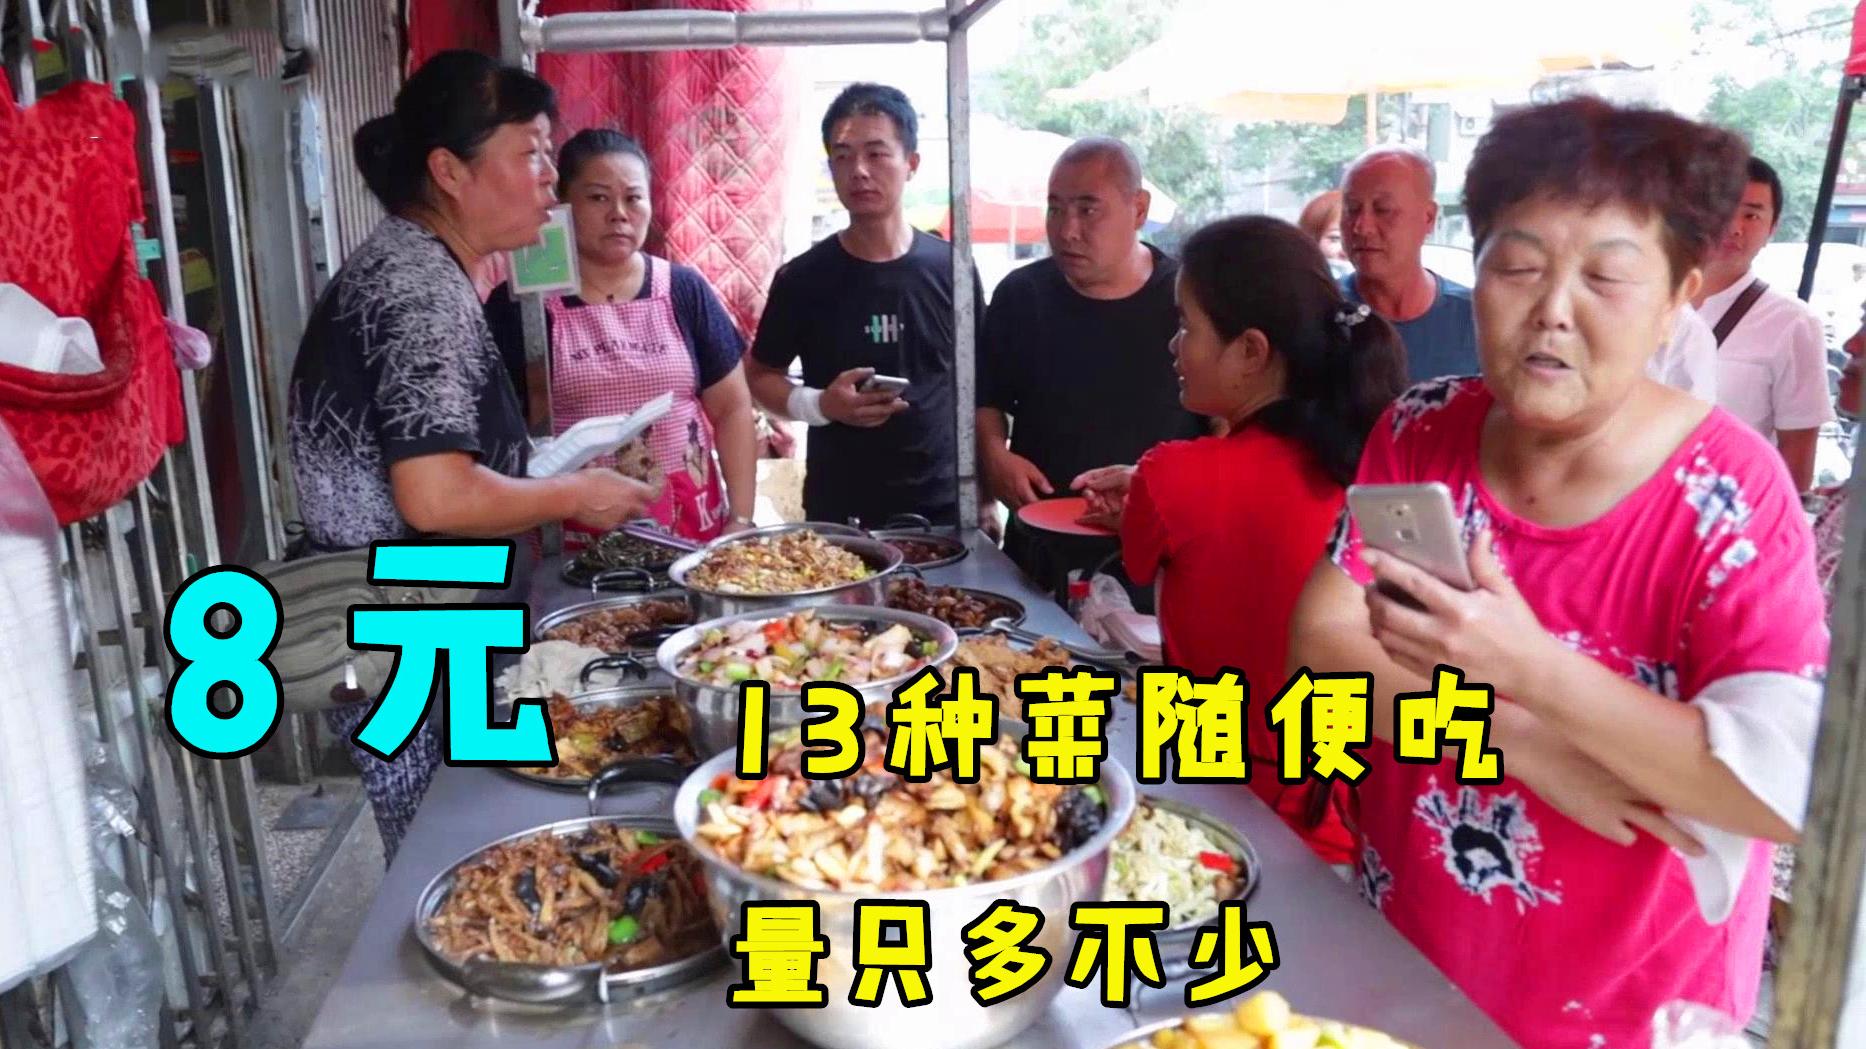 开封民工出租车司机的秘密基地,8元盒饭随便吃,红烧肉日卖200斤